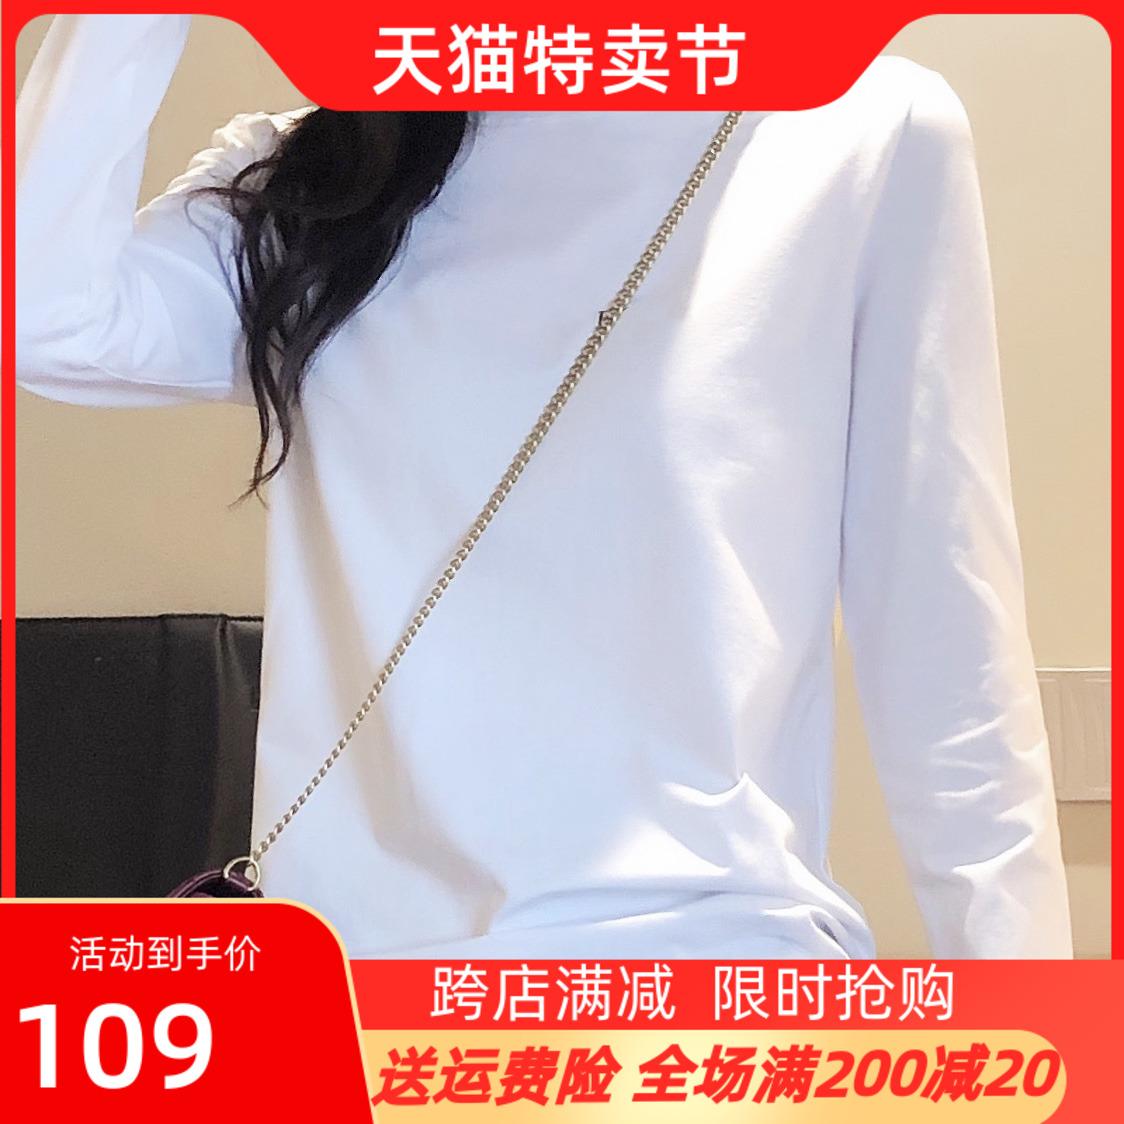 2021春季白色T恤女长袖加绒纯色圆领百搭纯棉修身显瘦加厚打底衫